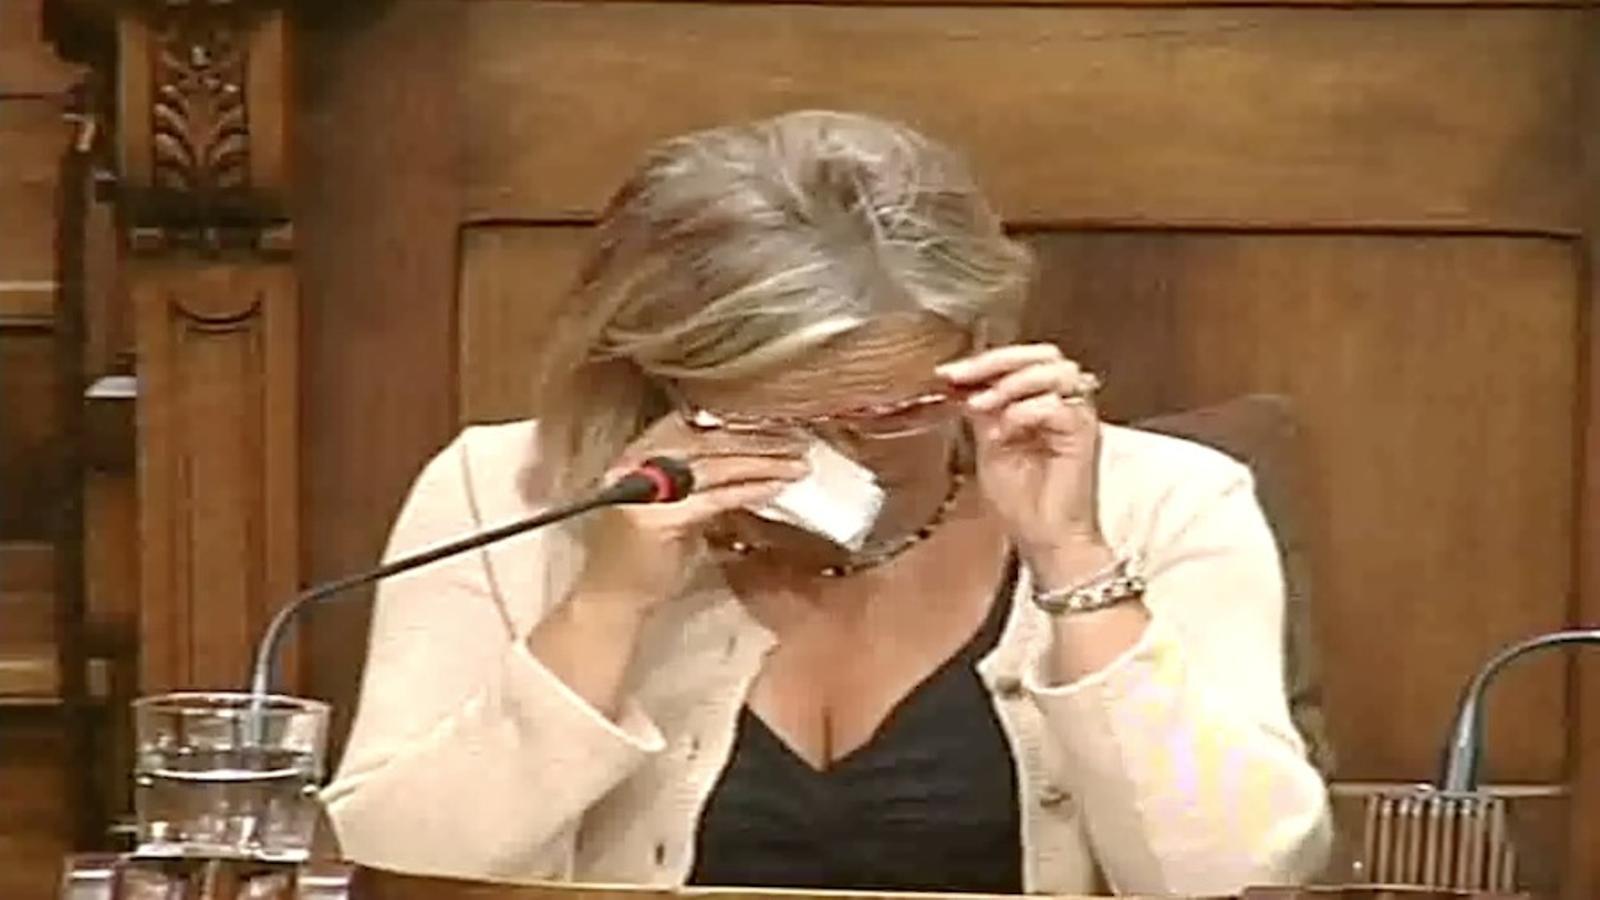 Comiats a l'Ajuntament de Barcelona: llàgrimes de Mayol i advertiments de l'injustament imputat García-Bragado